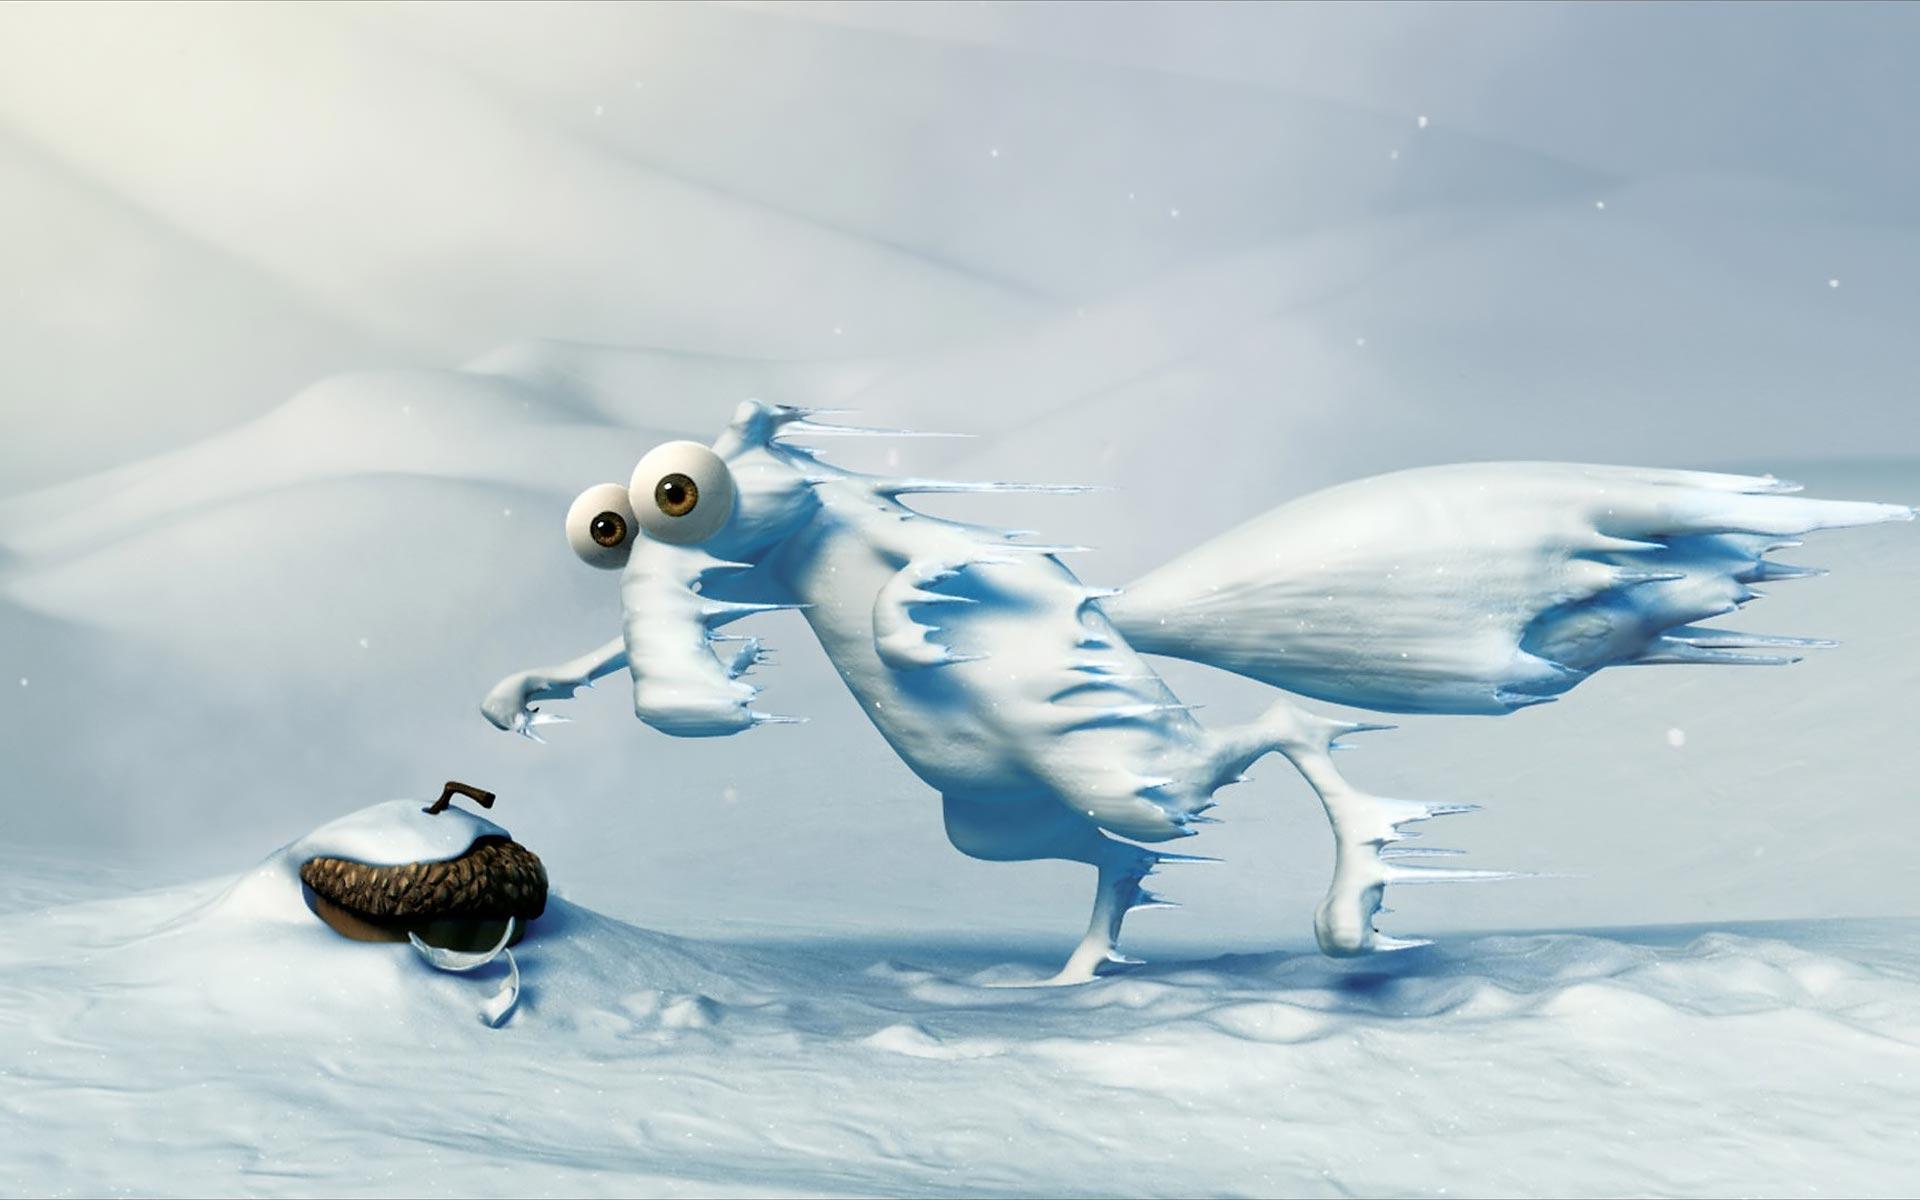 Картинки про морозную погоду прикольные с надписями, девушка прикольные